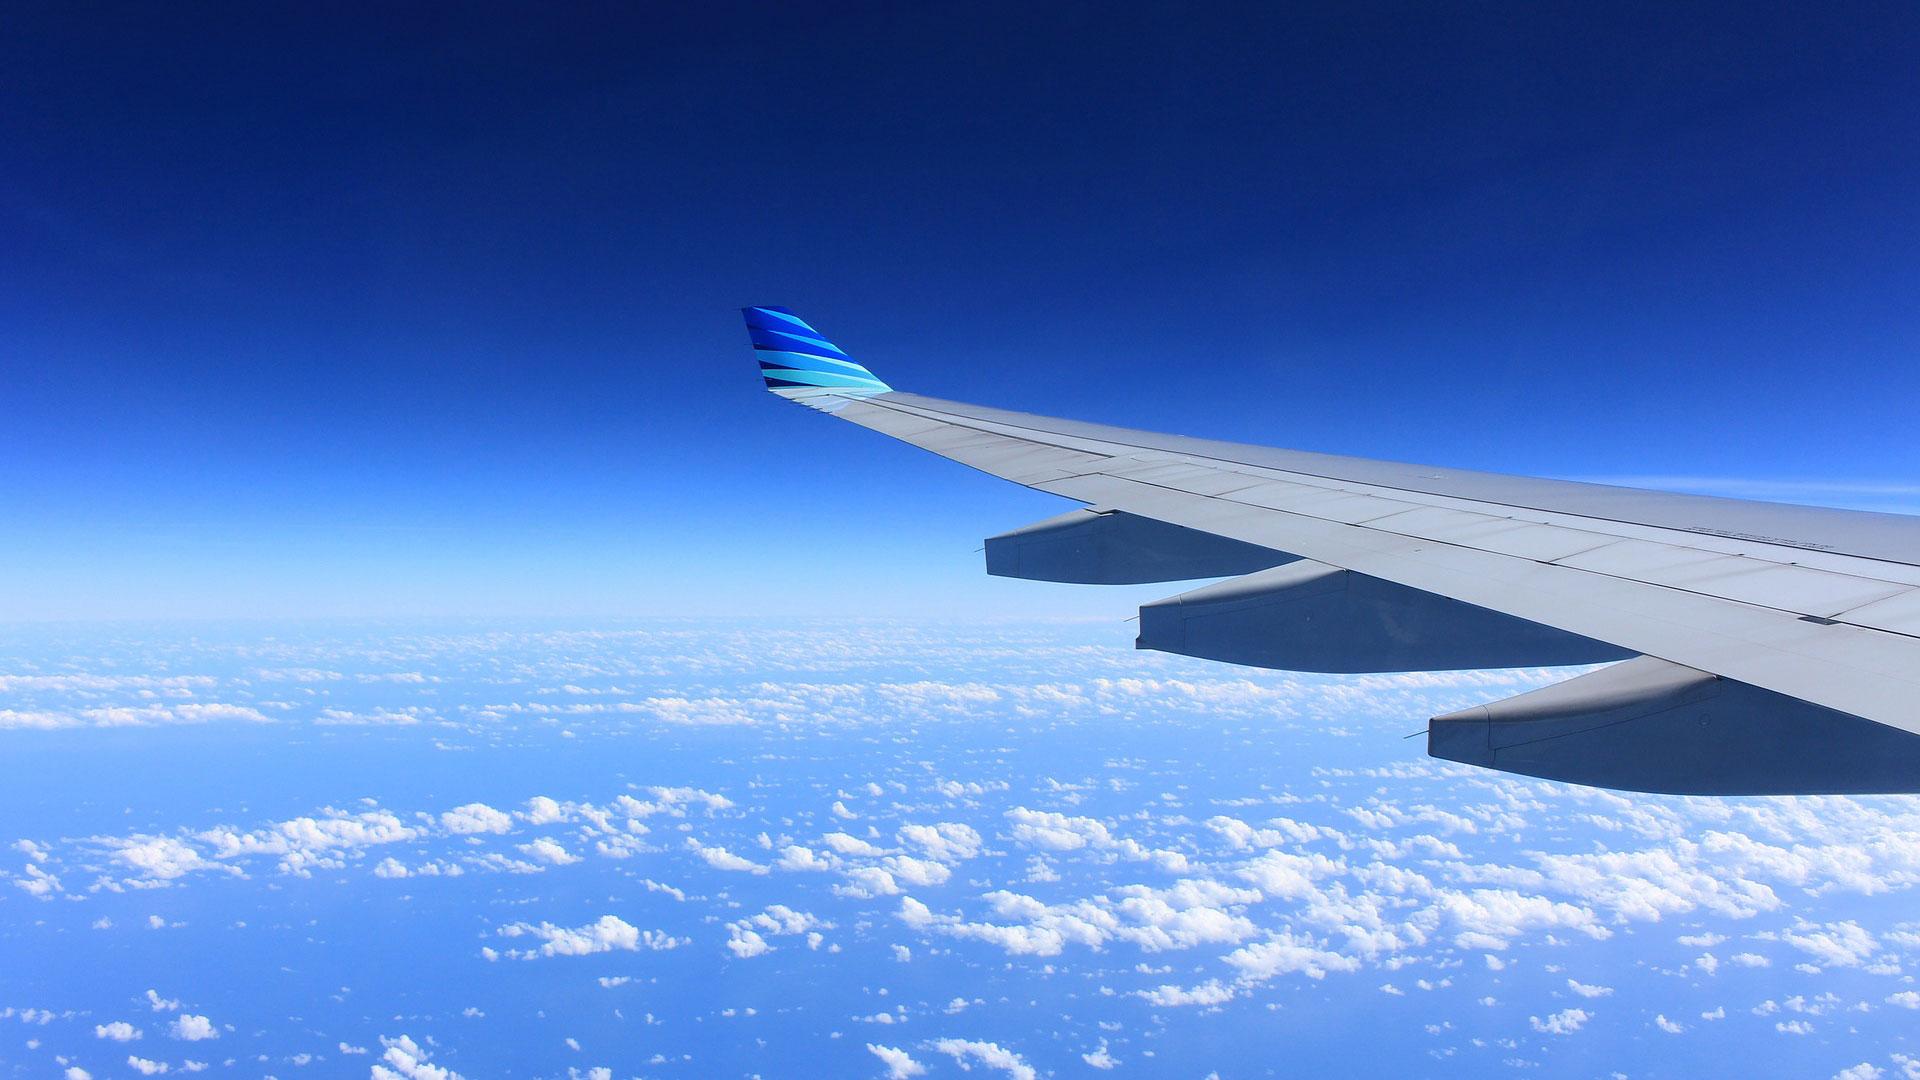 Uma asa de avião